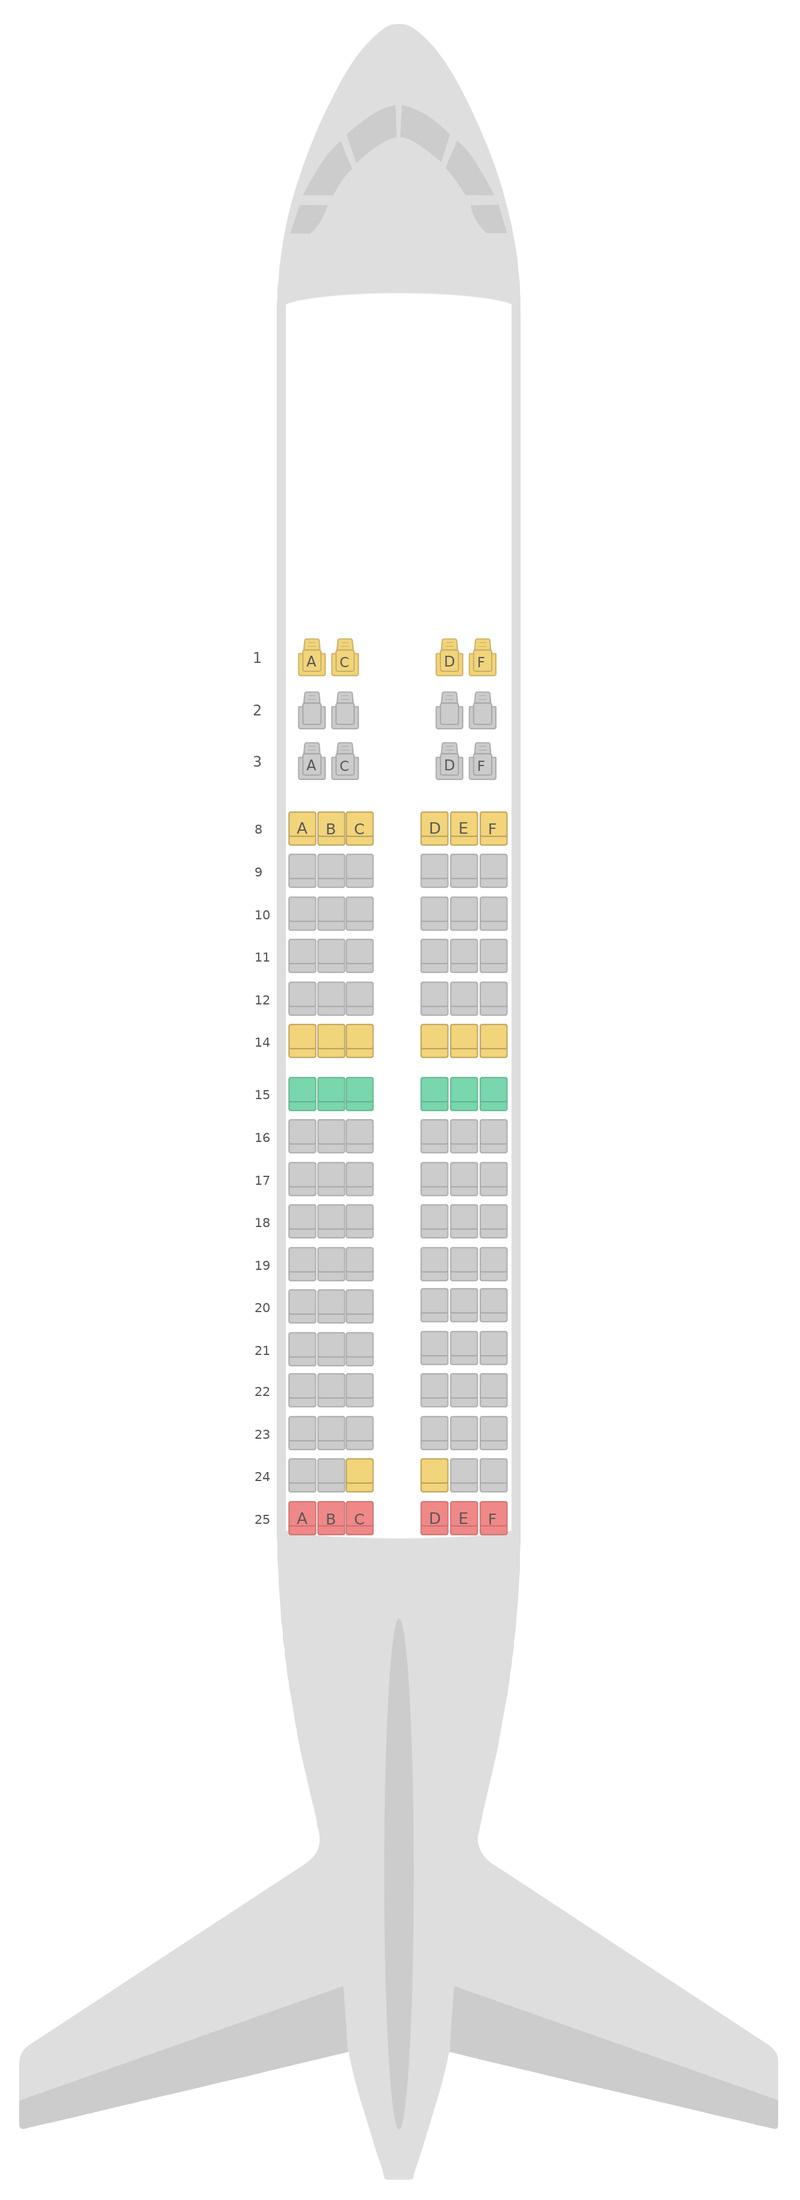 Mapa de asientos Boeing 737-700 Royal Air Maroc